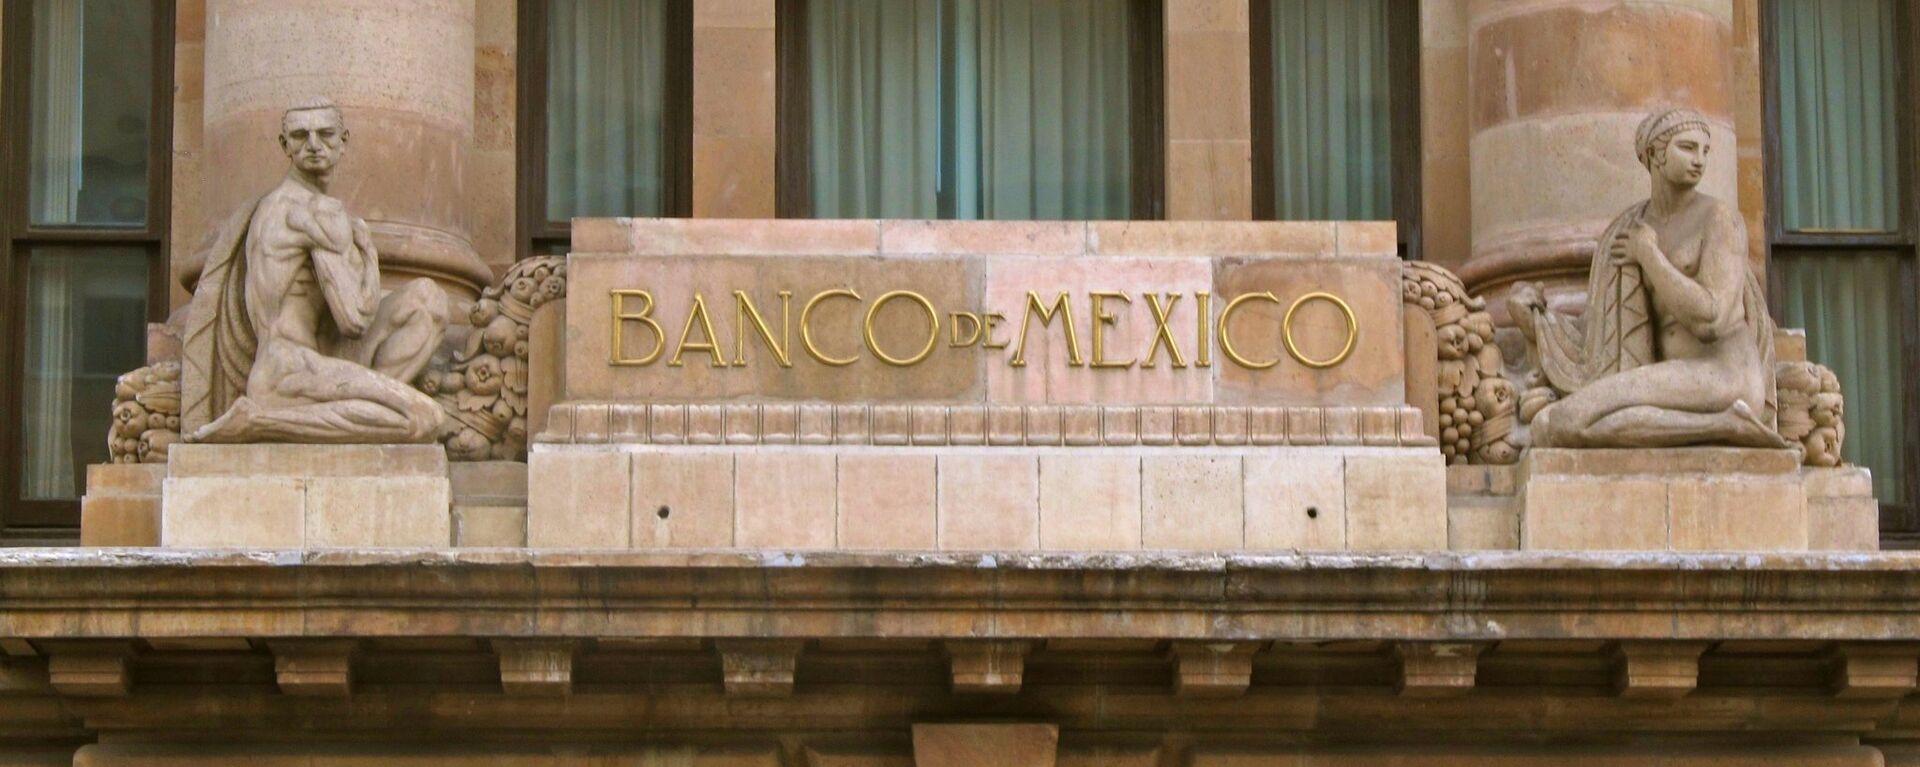 La fachada del Banco de México - Sputnik Mundo, 1920, 26.11.2020